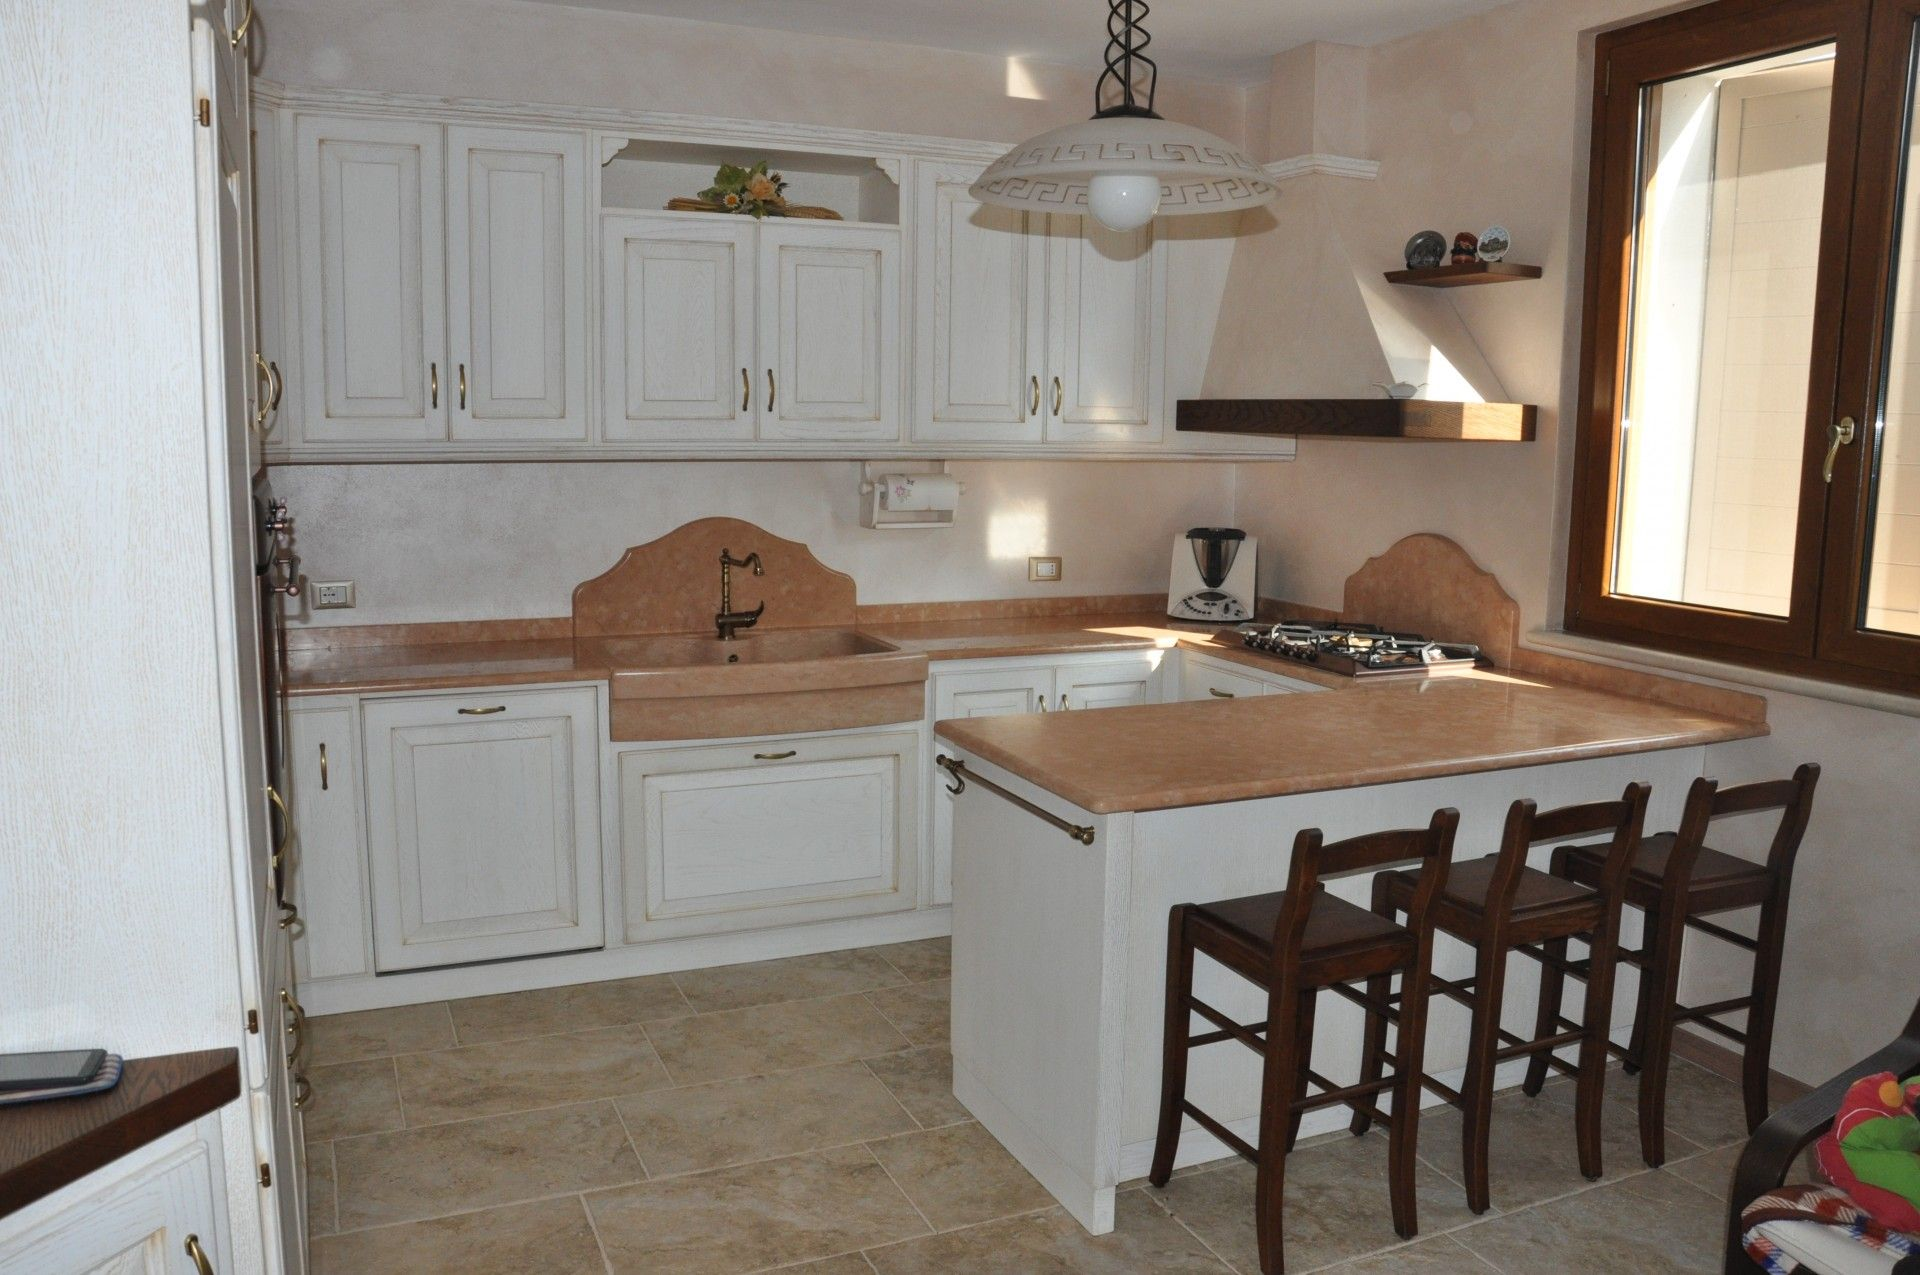 Penisole cucine country cucina in legno con penisola. fadini